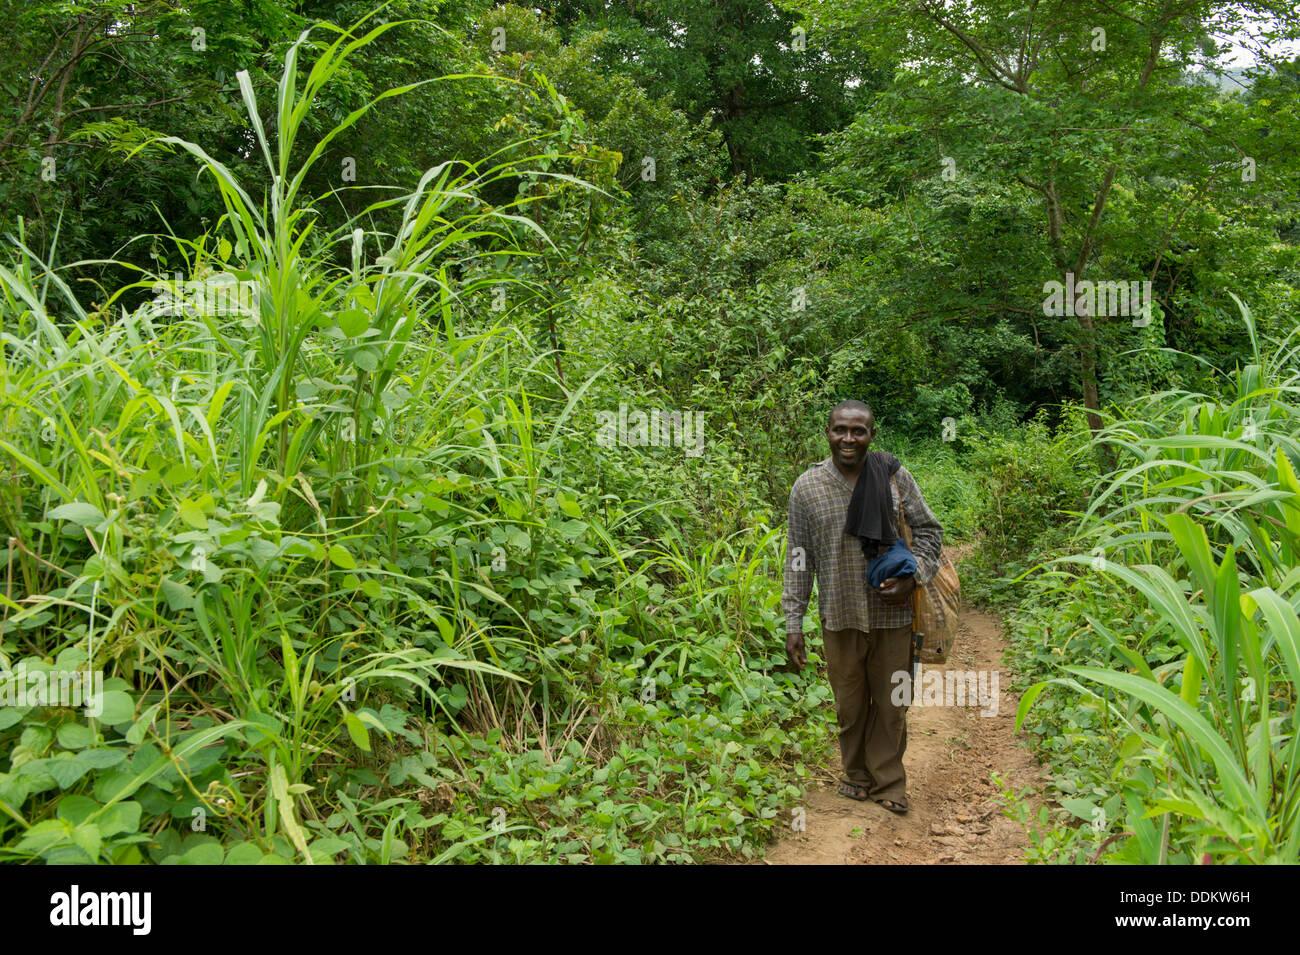 Piéton sur un mince chemin à travers une végétation luxuriante dans Otutulu, Nigéria Photo Stock